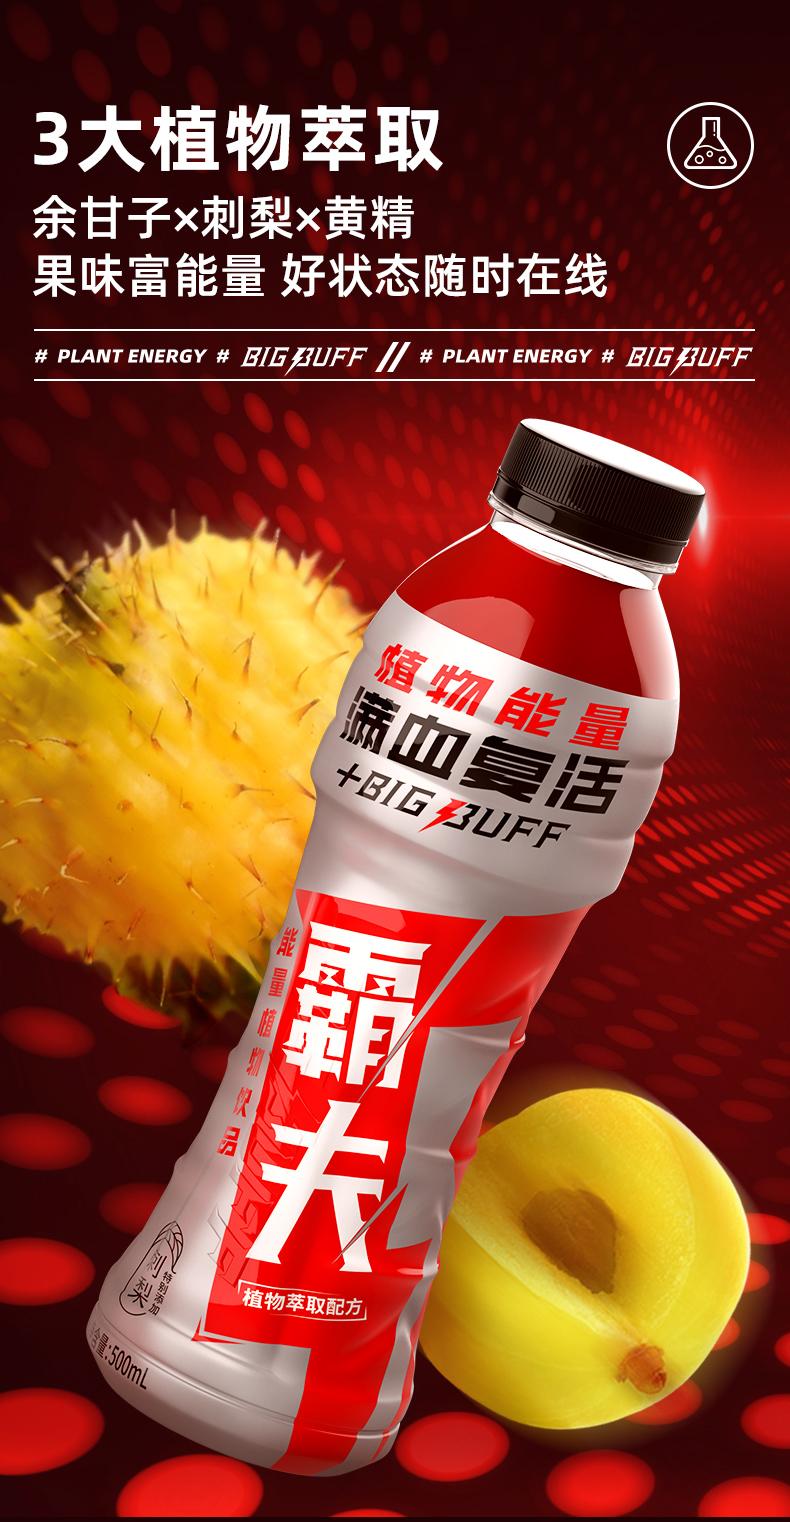 新希望 BIGBUFF 0蔗糖植物能量维生素功能饮料 4瓶 图3